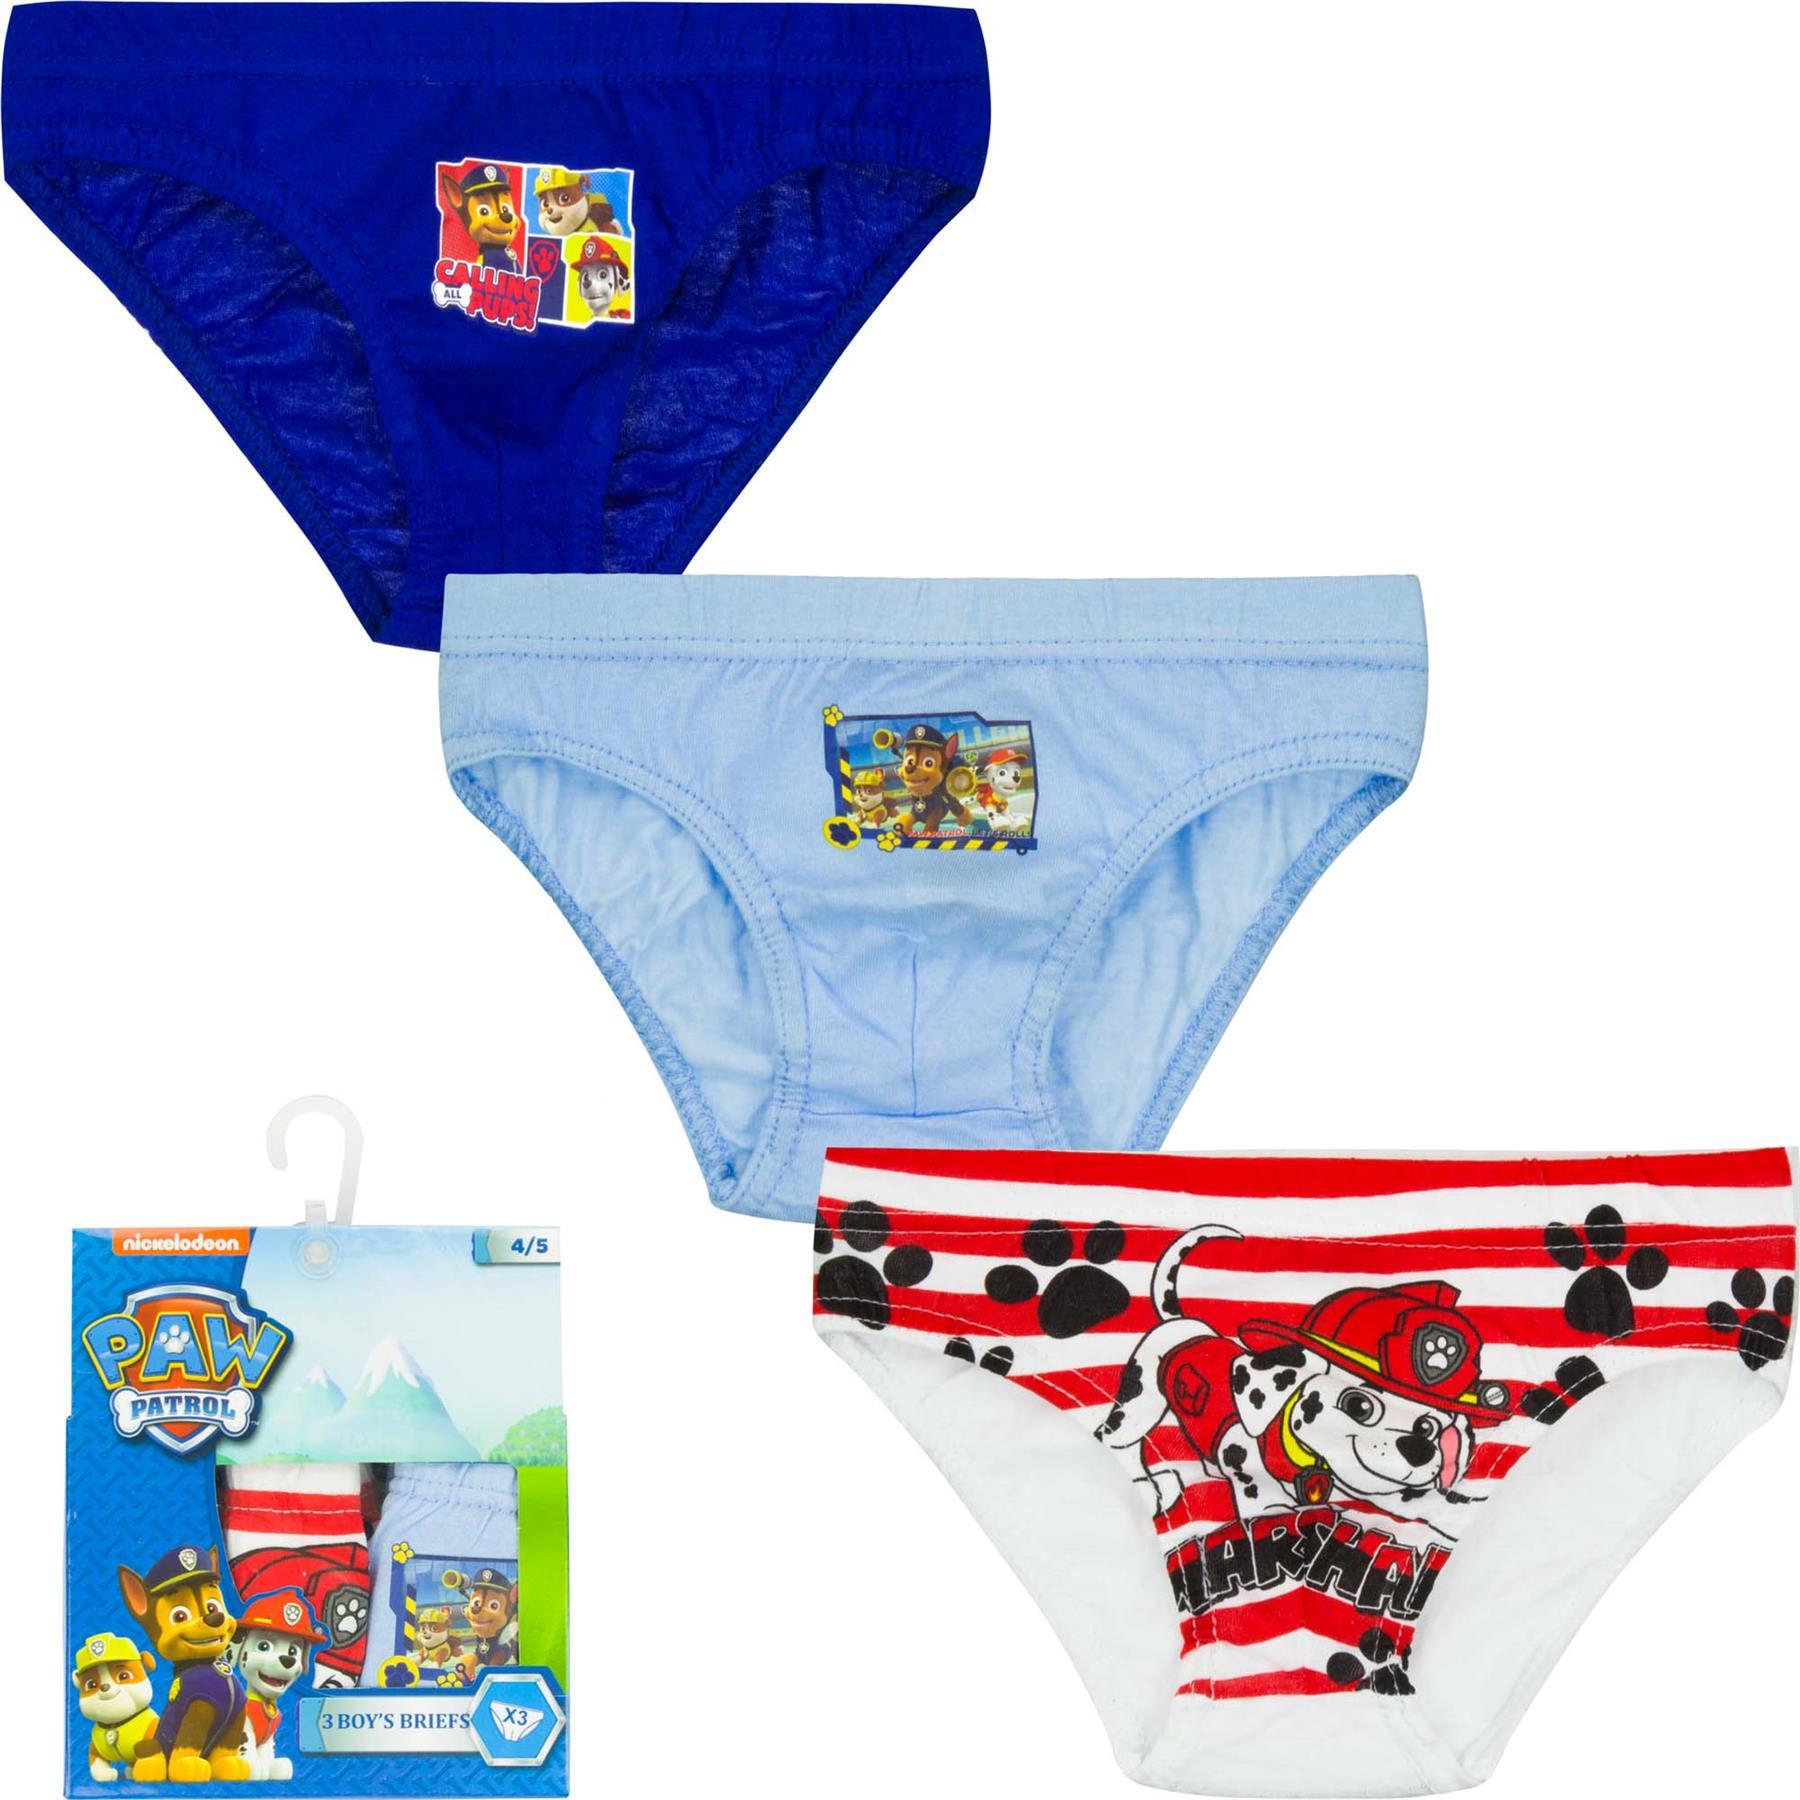 Kids Paw Patrol or Spiderman Briefs Underpants 3 Pack Set